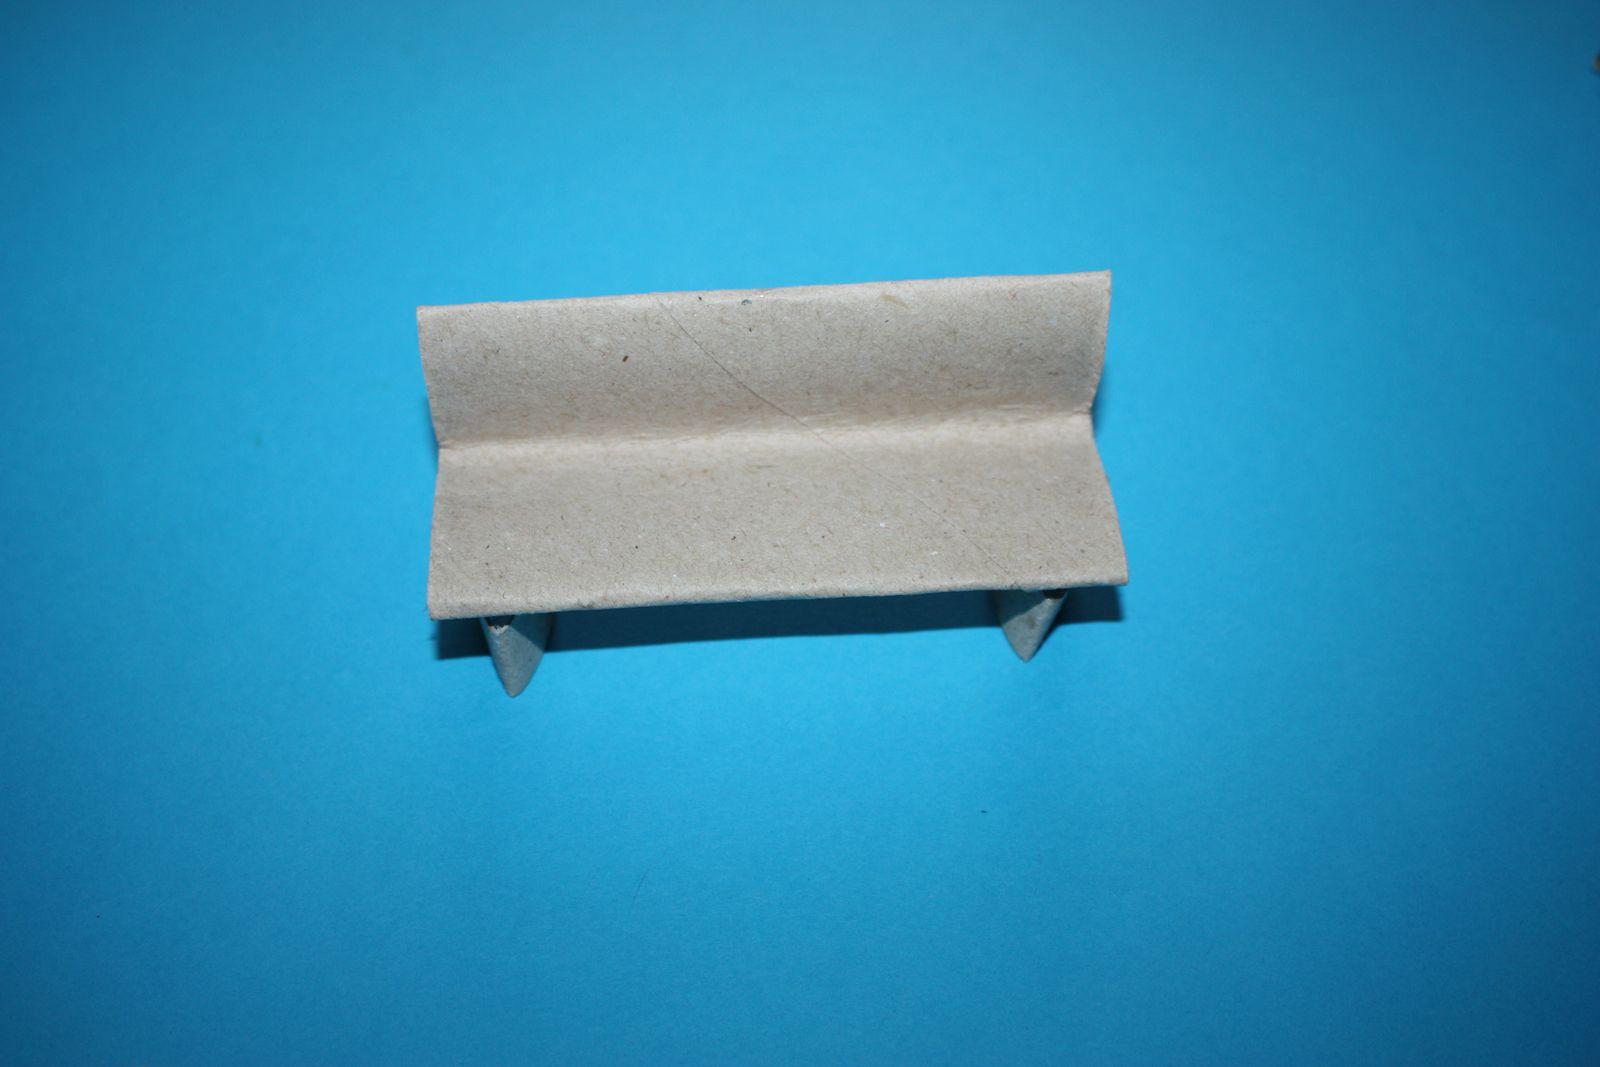 Meubles miniatures en rouleau de papier toilette